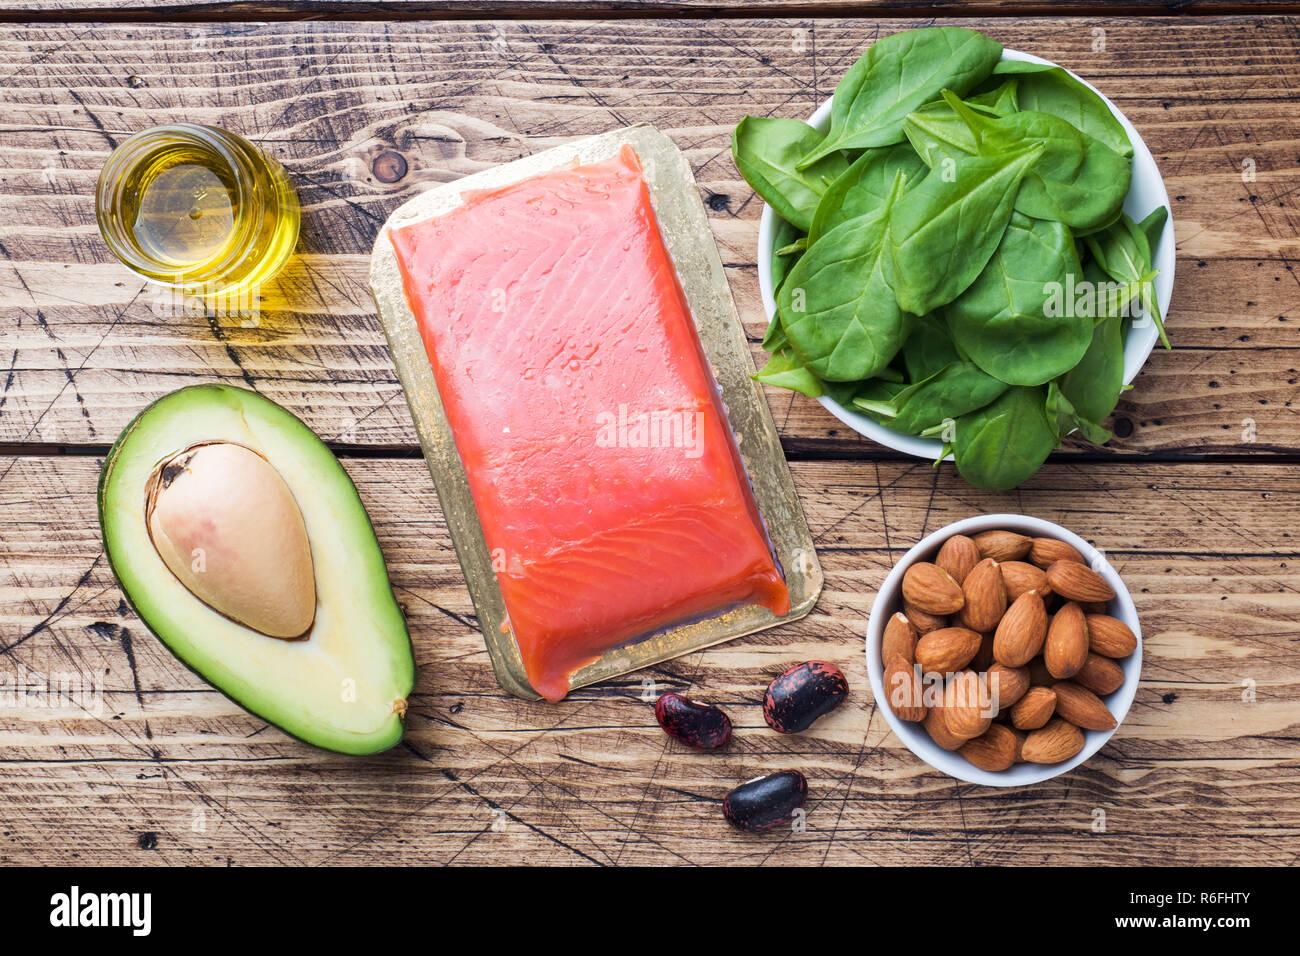 Concepto de alimentos saludables productos antioxidantes: el pescado y el aguacate y el aceite de pescado, las nueces, el pomelo sobre fondo de madera Imagen De Stock